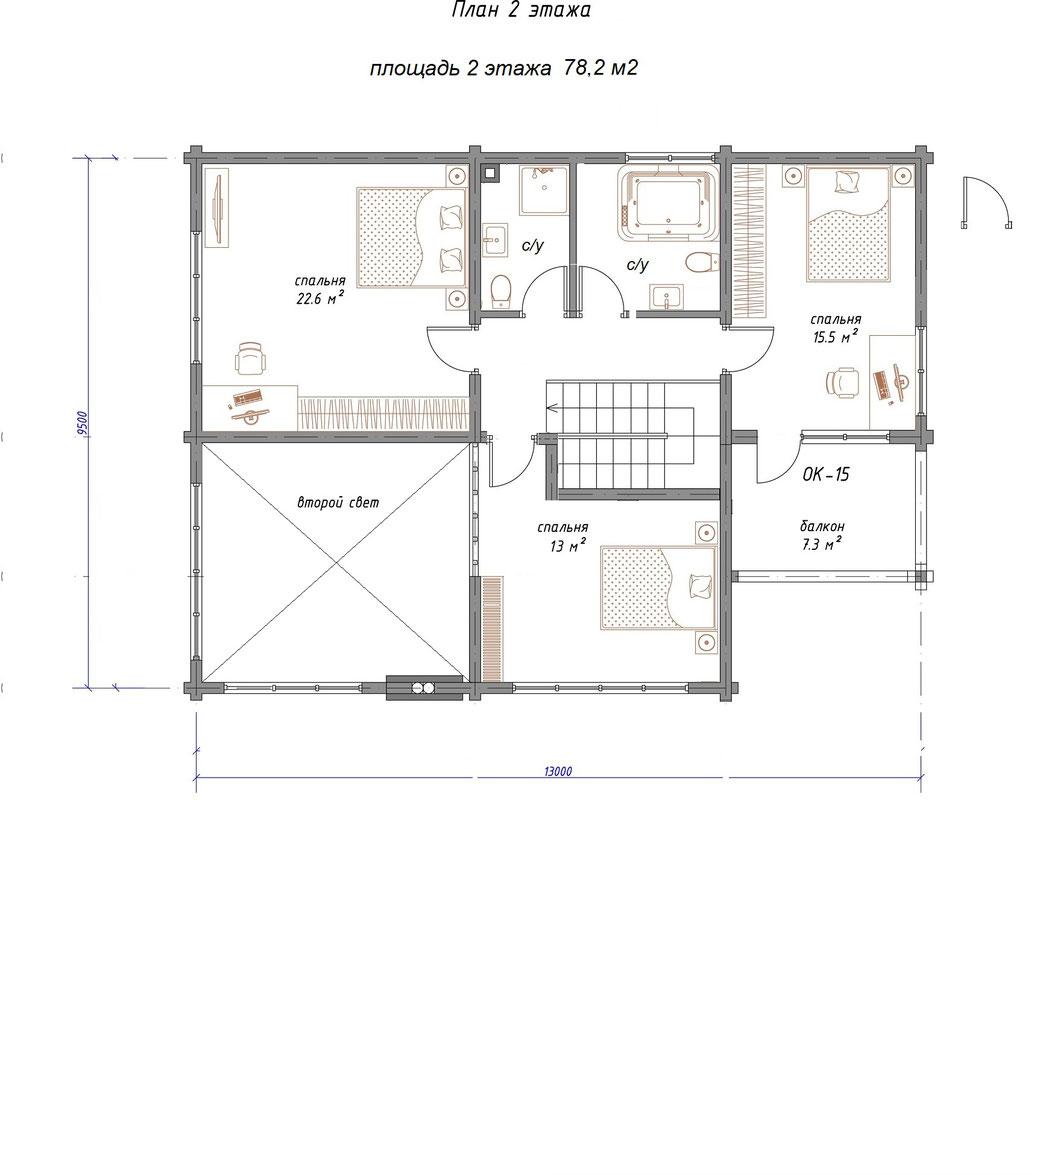 ле шале 187, строительство шале под ключ, двухэтажное шале, шале из клееного бруса, проект шале с сауной и вторым светом